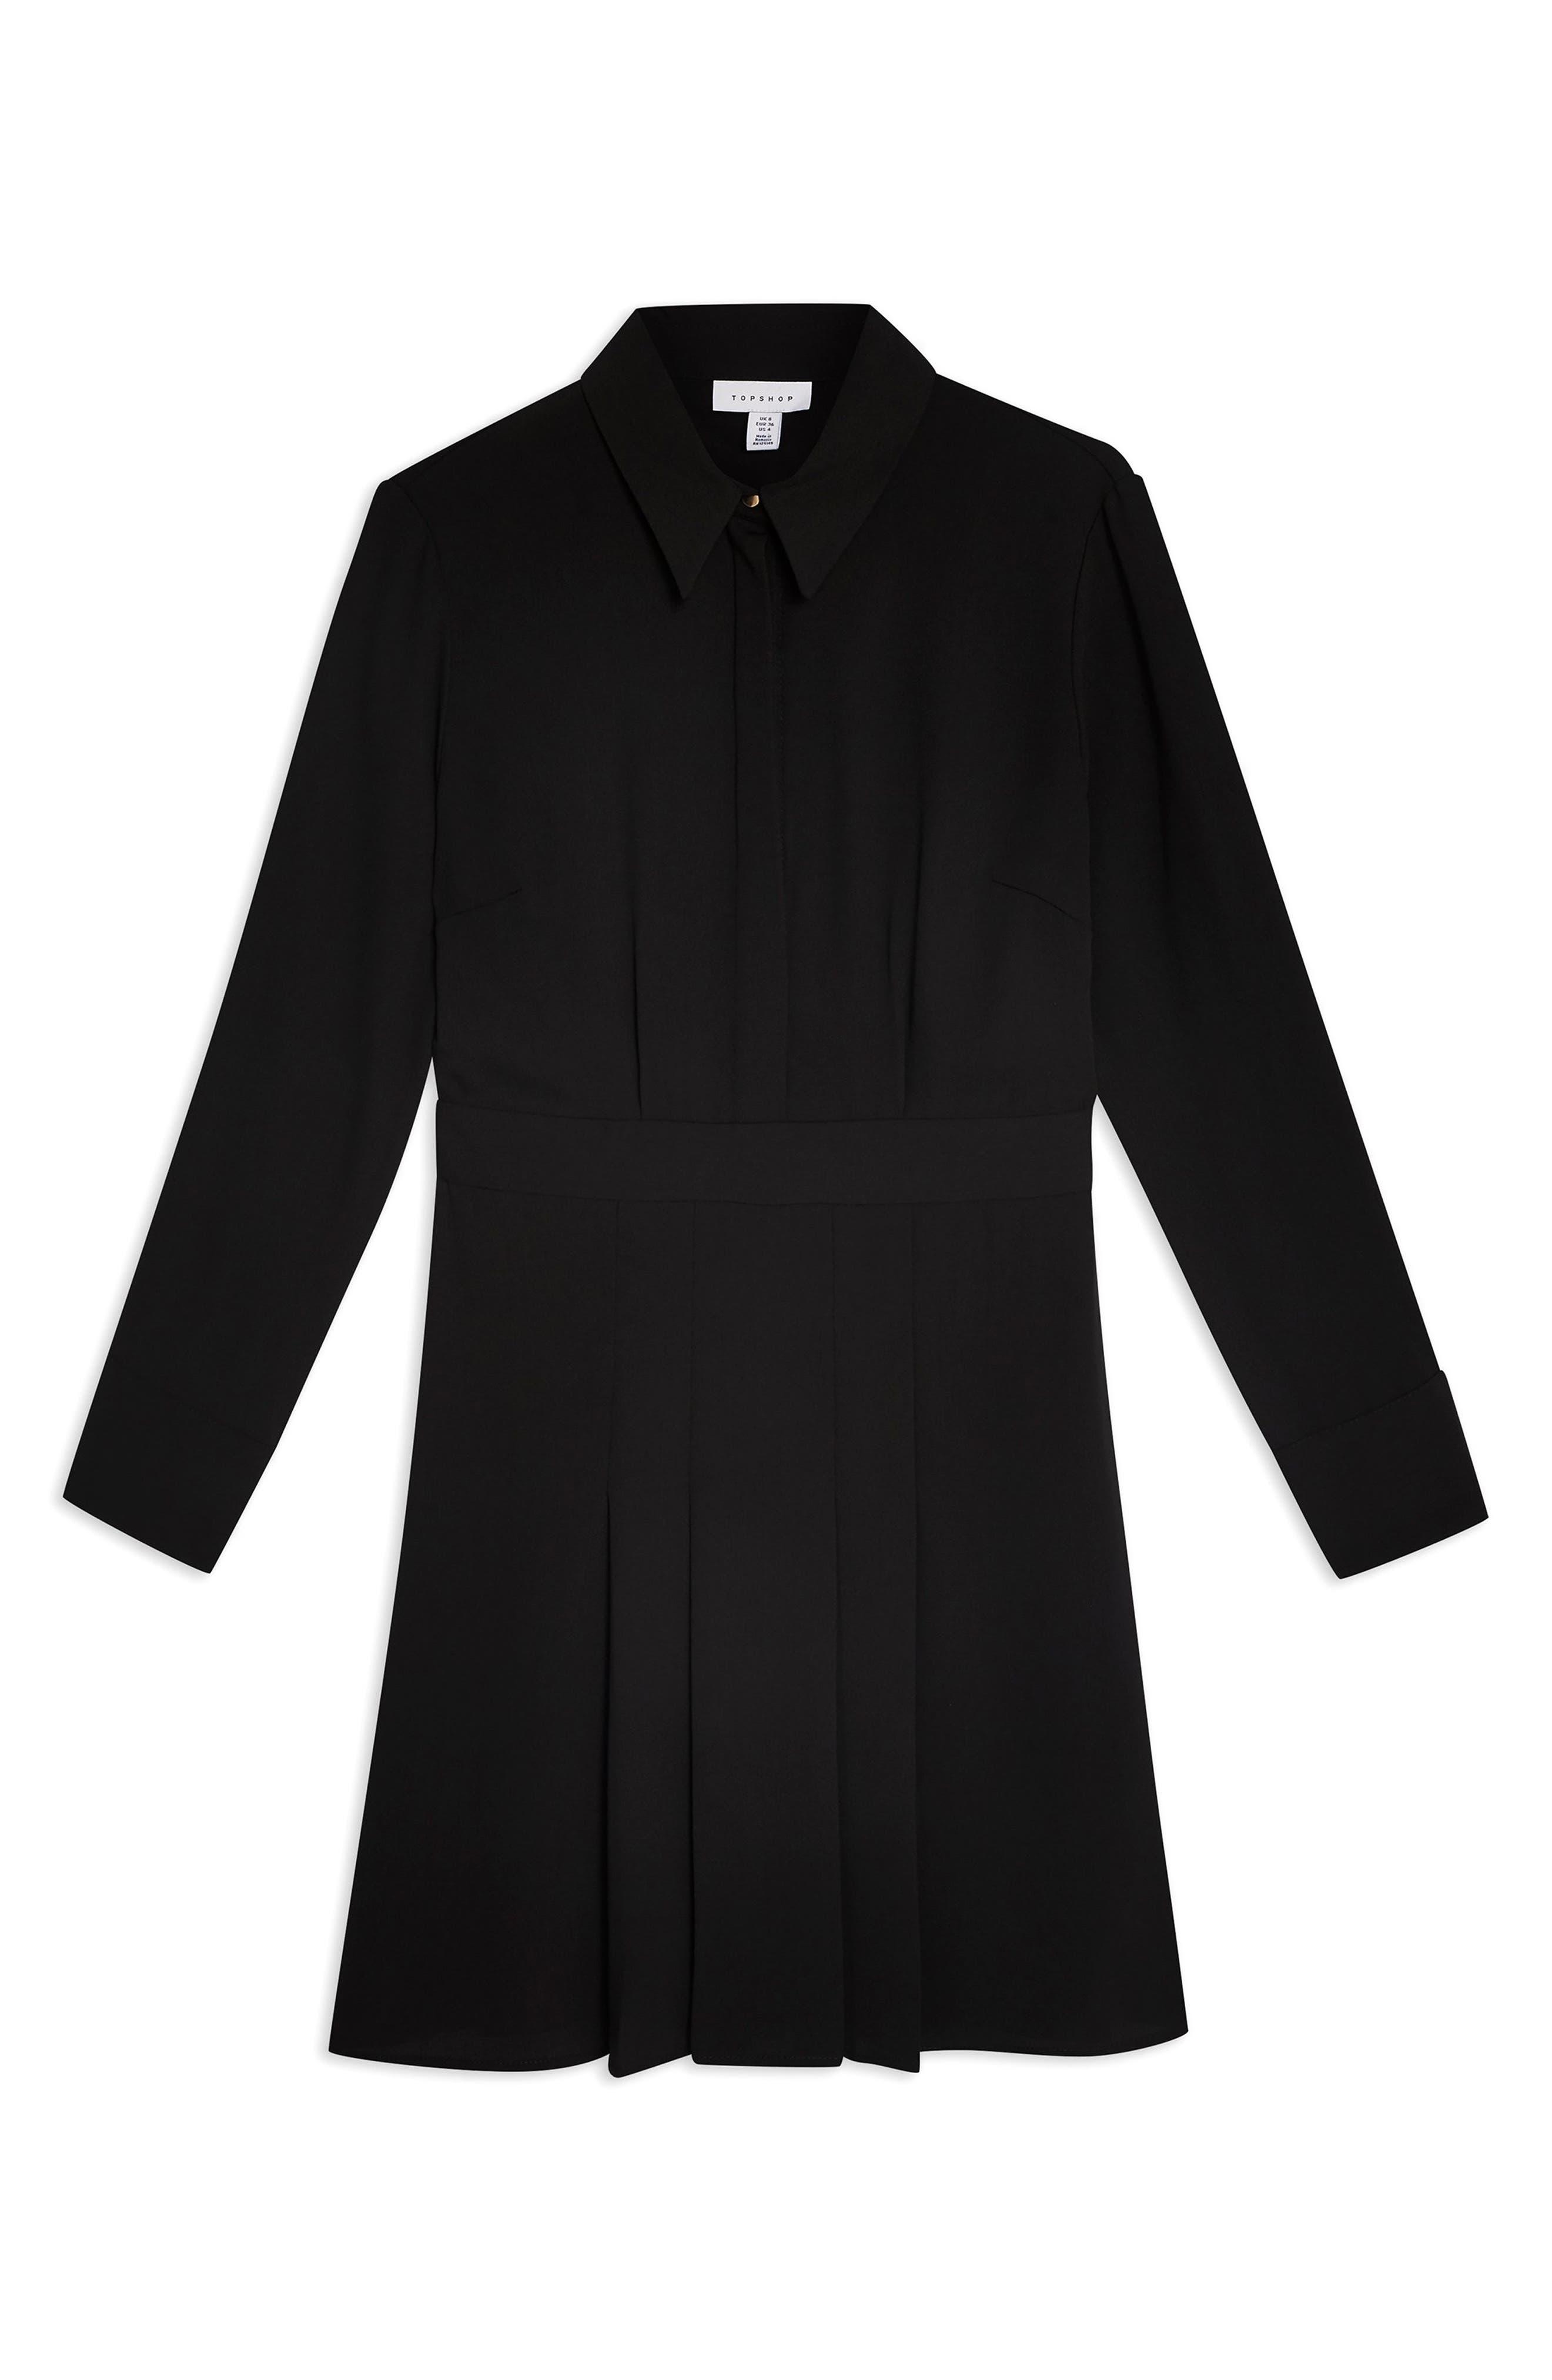 TOPSHOP,                             Pleated Mini Shirtdress,                             Alternate thumbnail 4, color,                             BLACK